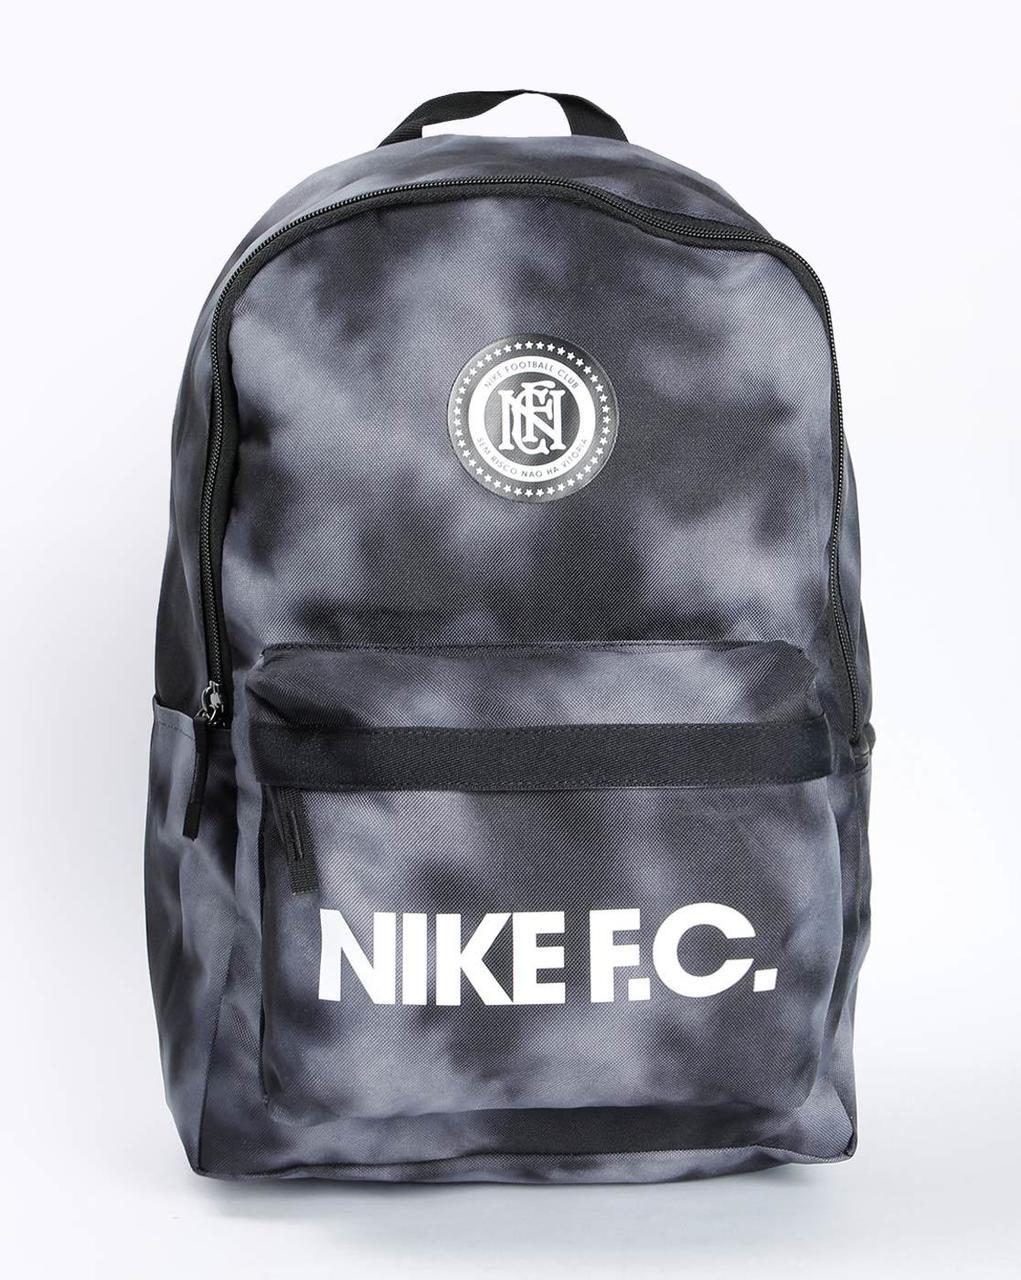 Рюкзак спортивный Nike F.C.. Оригинал.  ар. BA6109 010